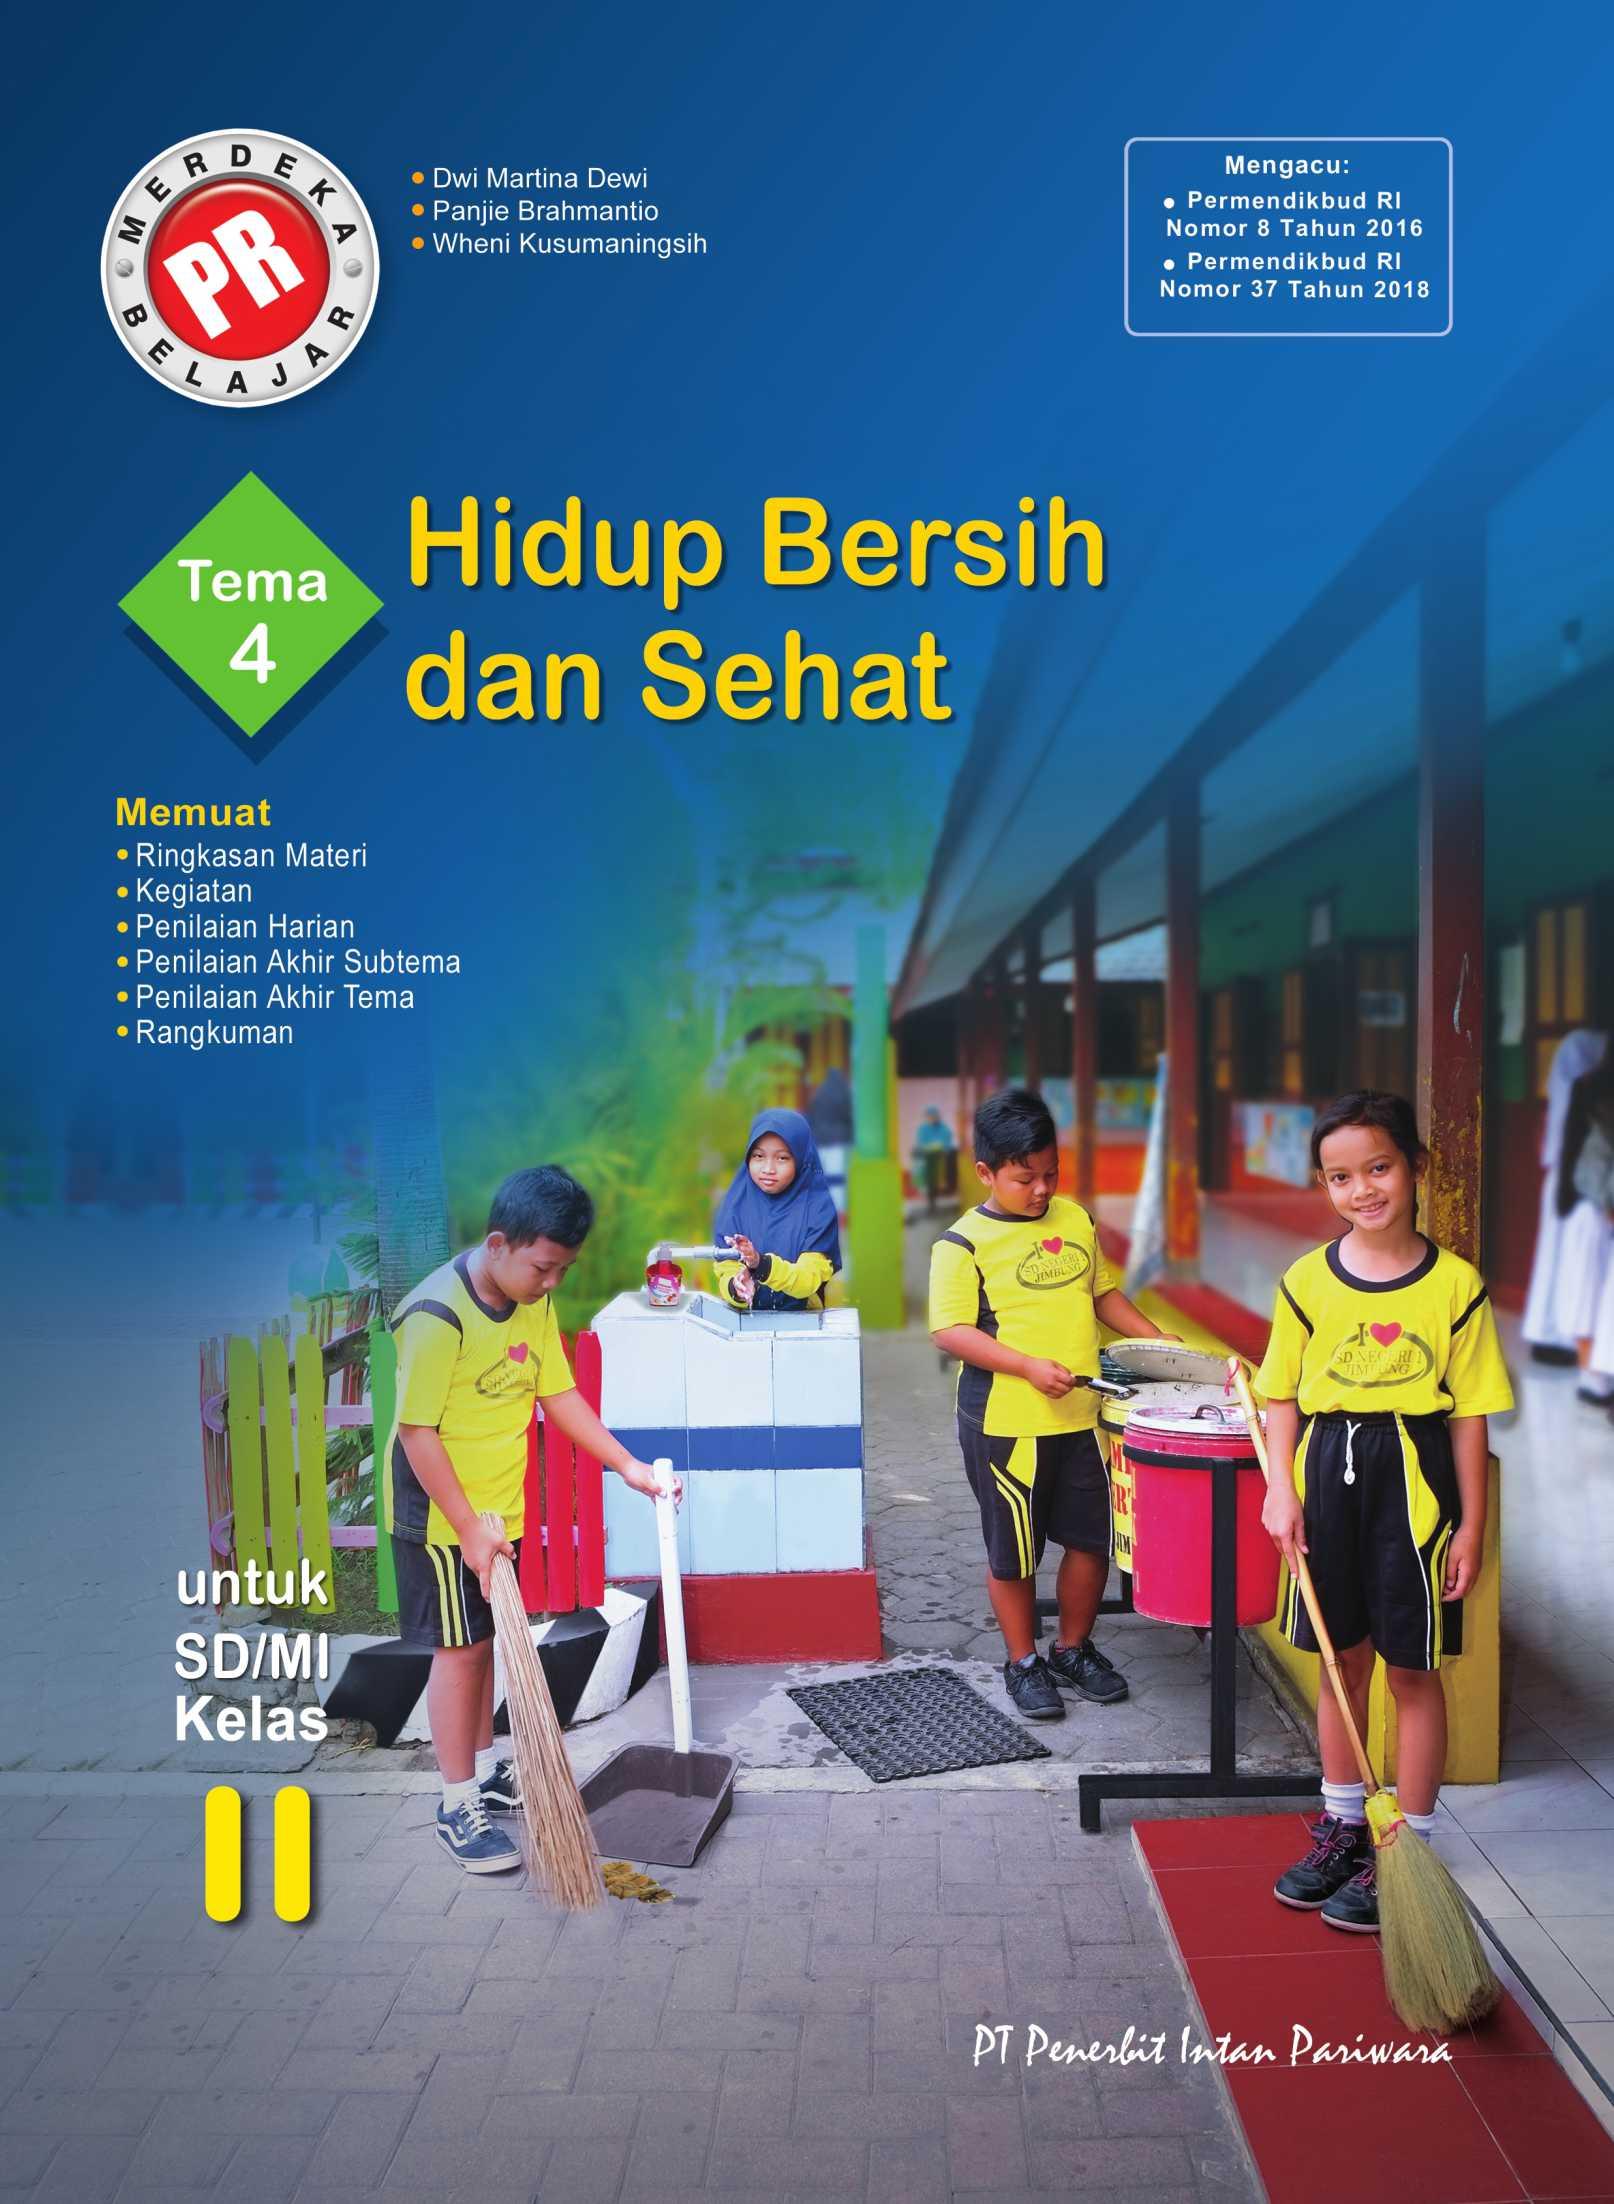 PR Kelas II Tema 4 Hidup Bersih dan Sehat Thn 2020/2021